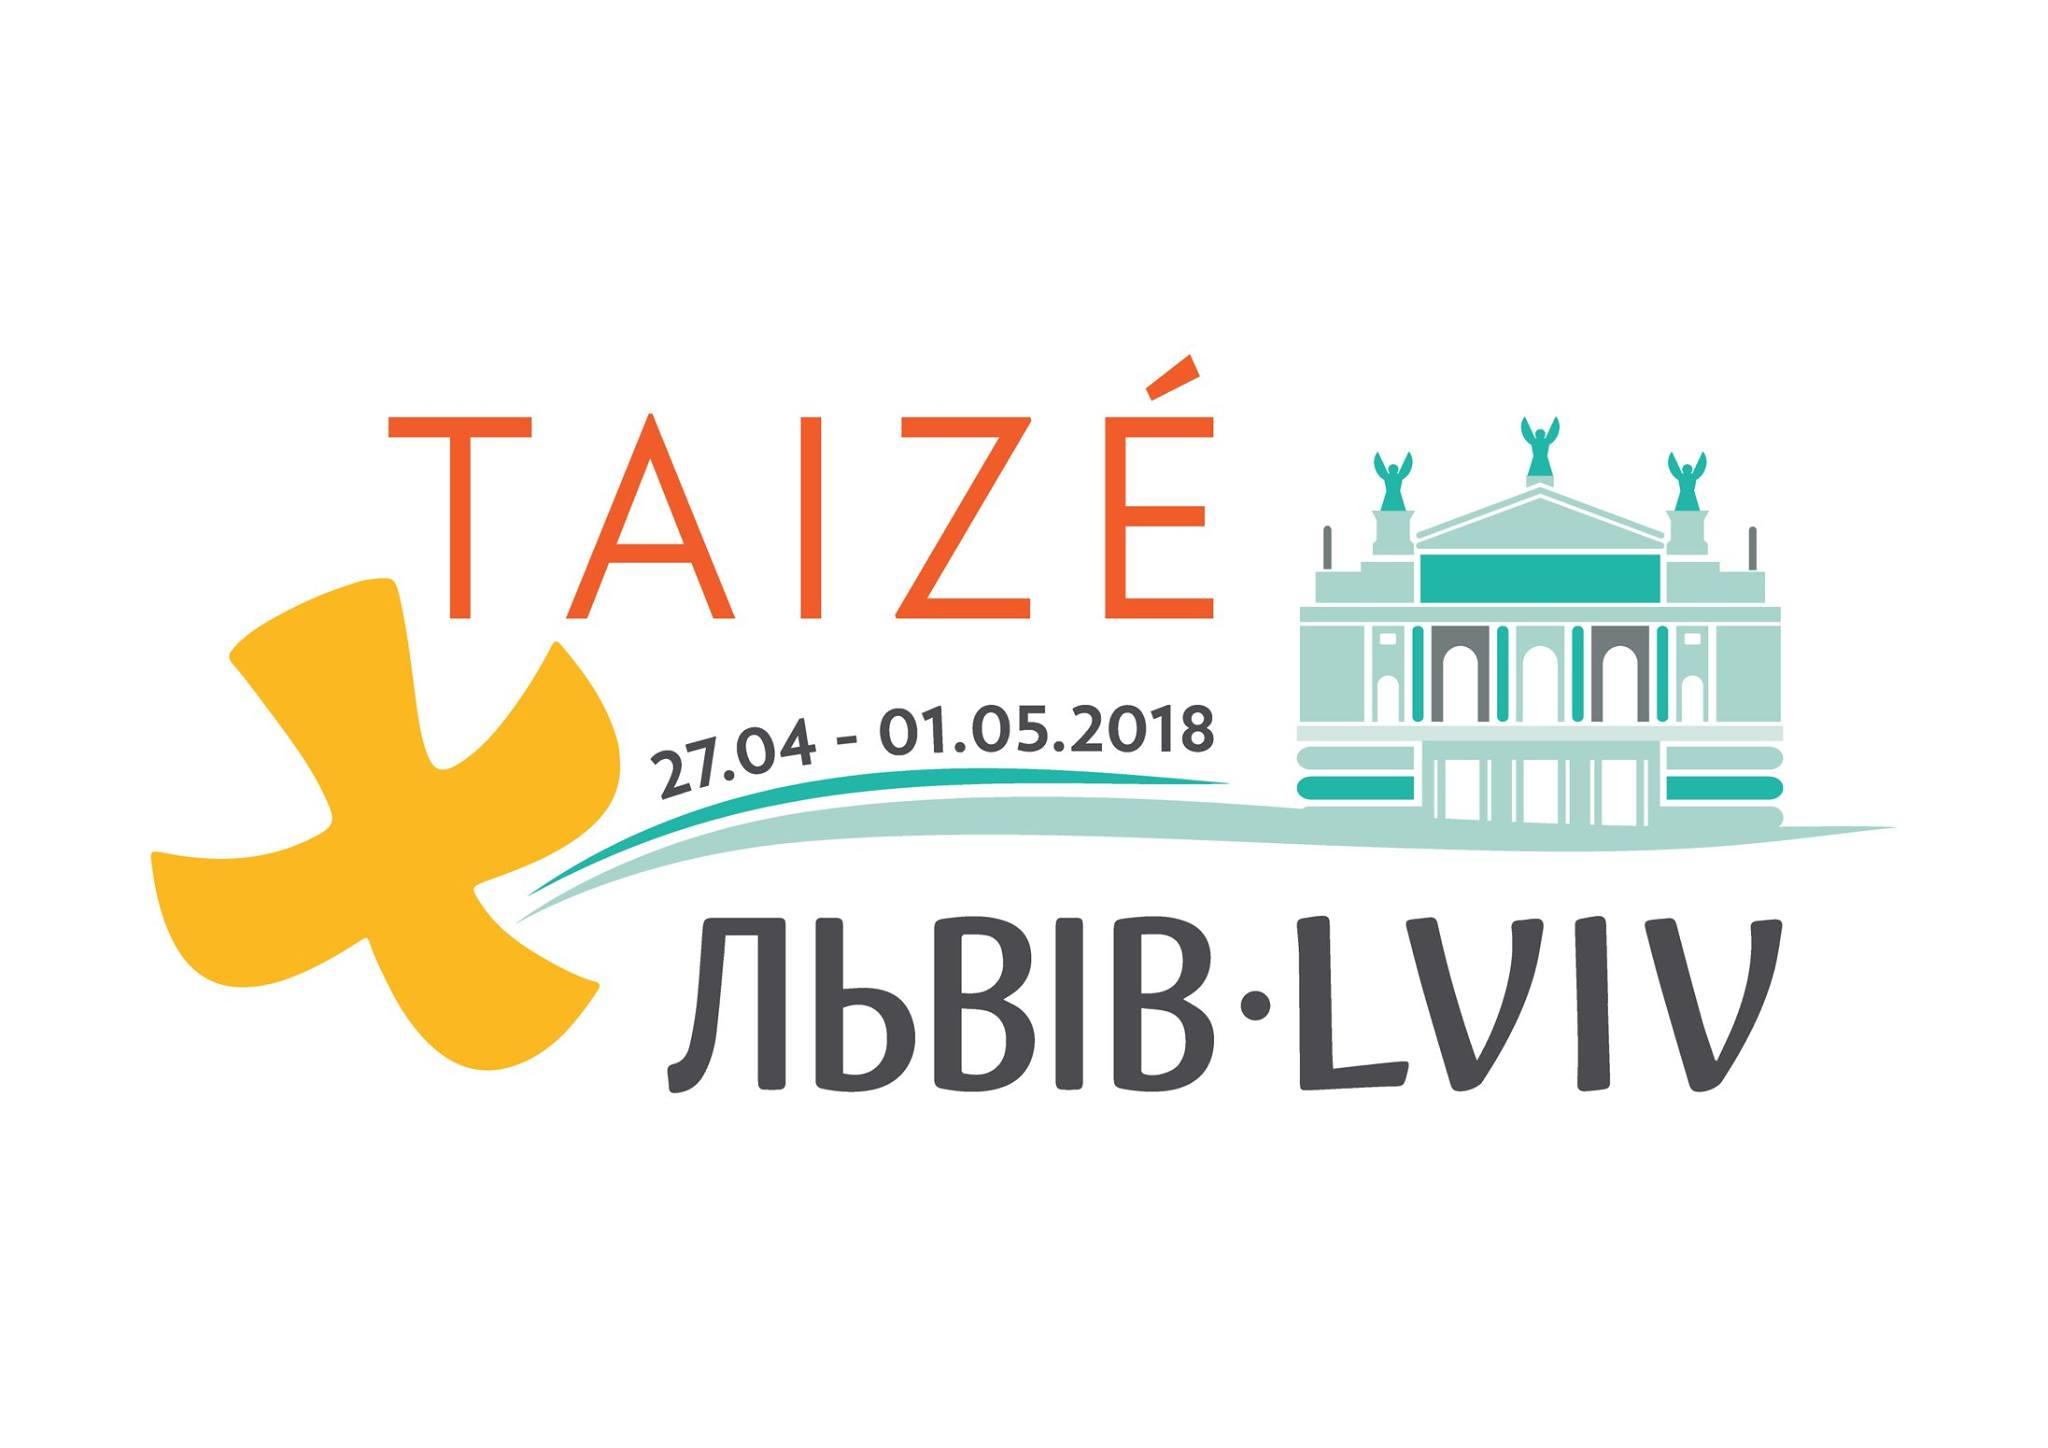 Регіональна зустріч Тезе у Львові - новин стає більше!